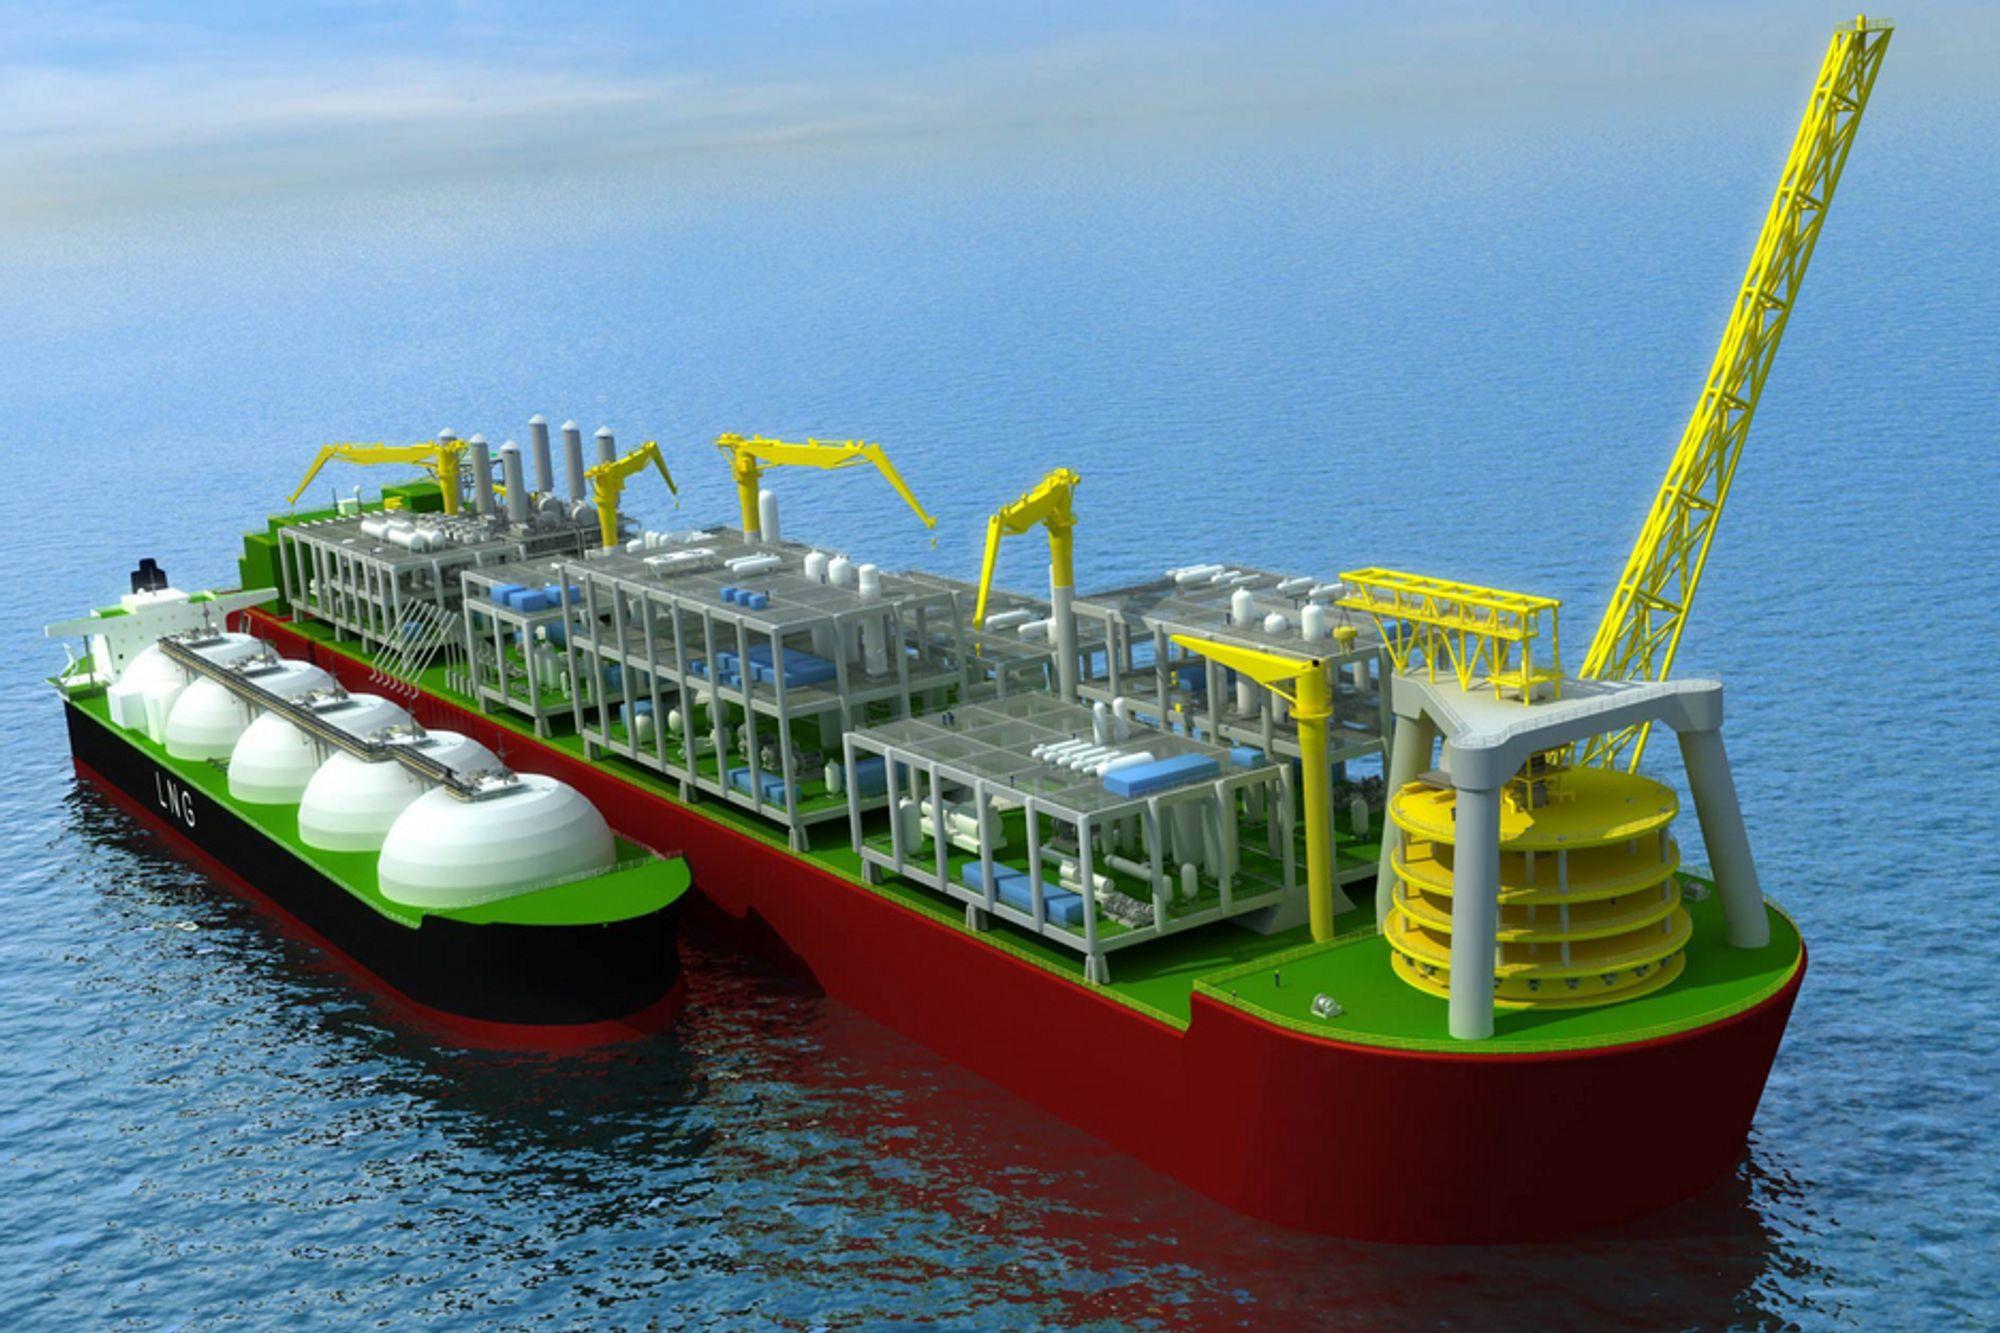 OPTIMISTER: Shell håper kontraktene vil bidra til at de iløpet av få år har klar en prototyp av et flytende LNG-prosessanlegg.